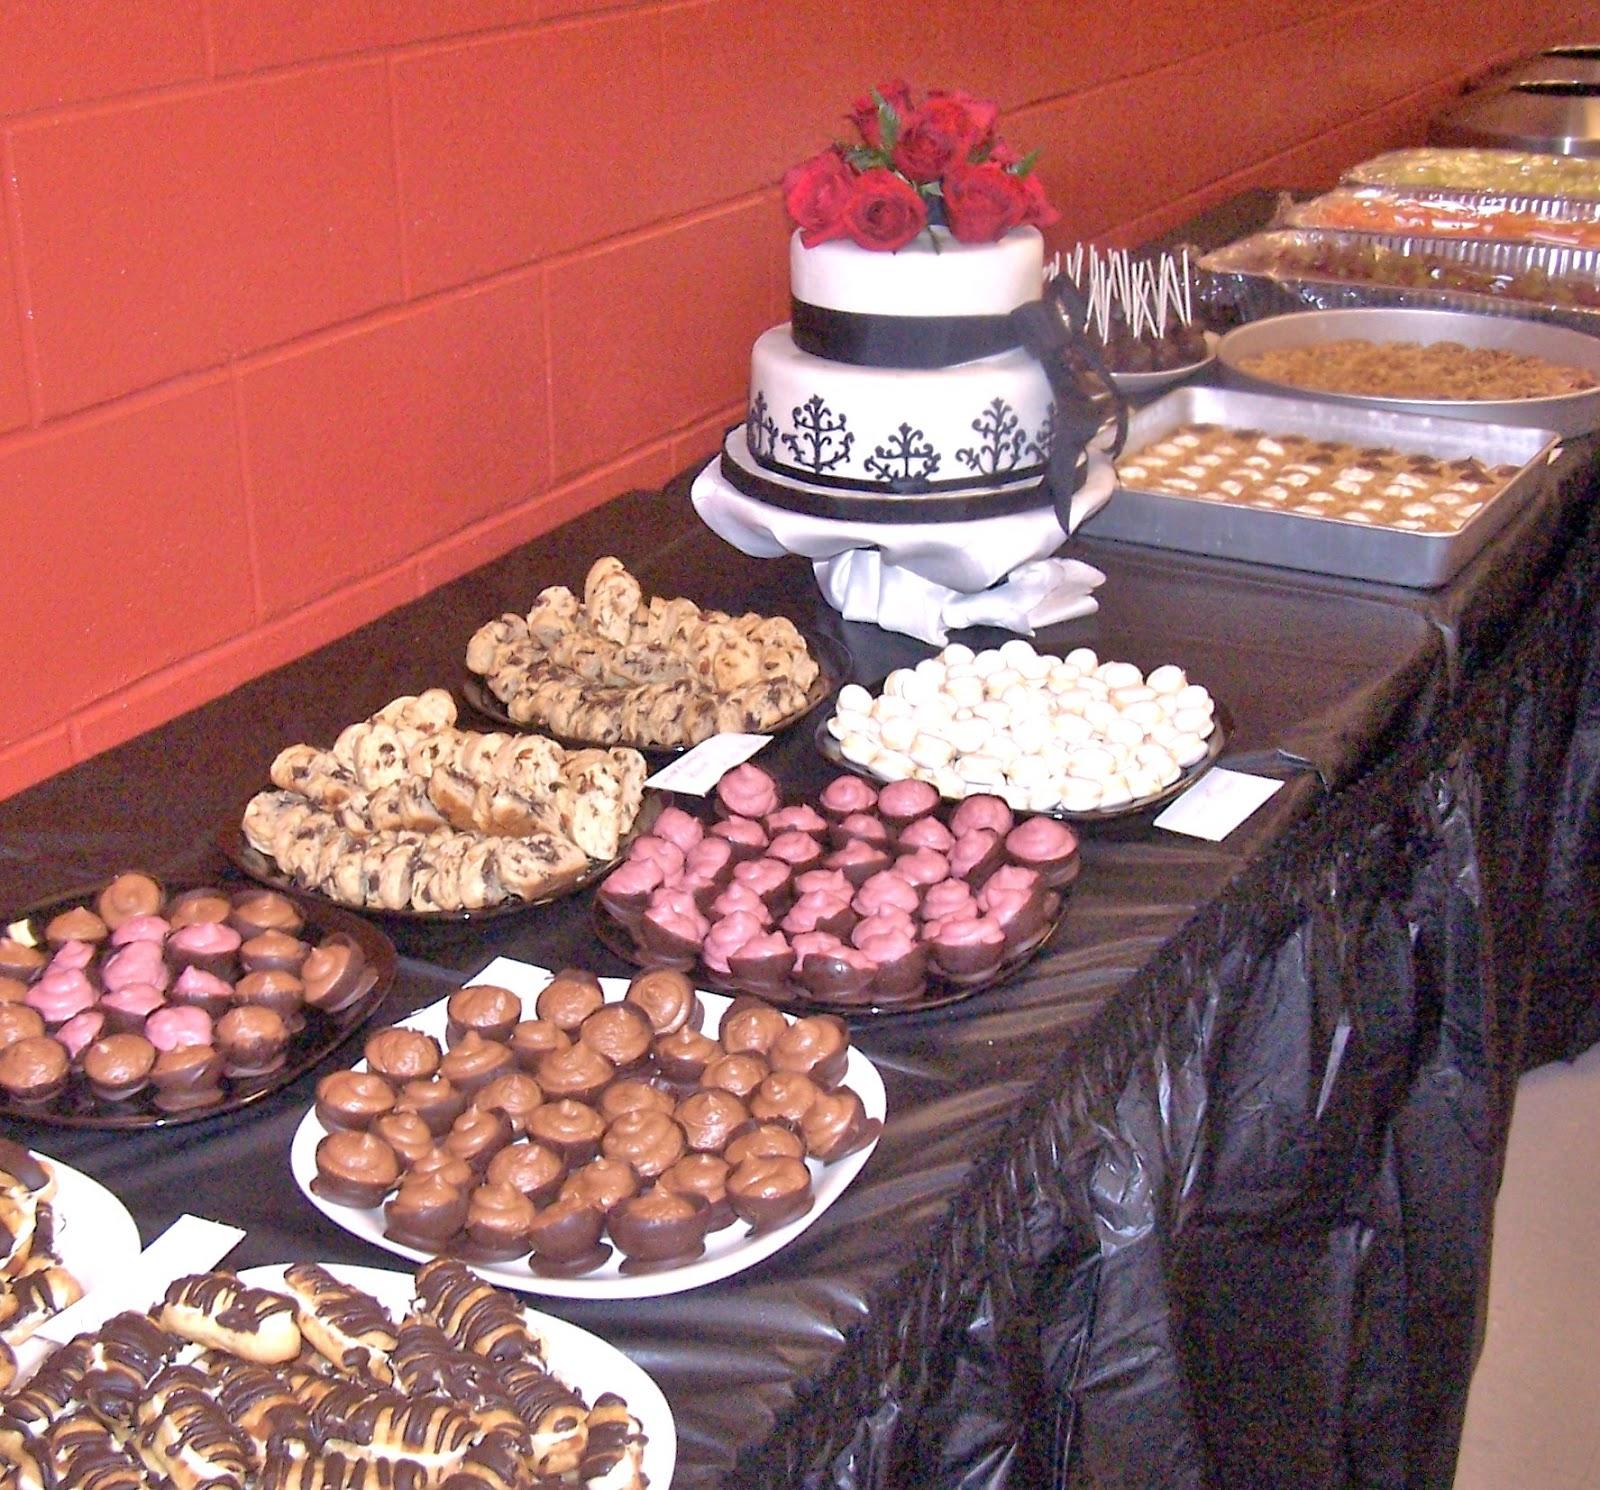 Engagement Cake Table Decorations Similiar Engagement Party Dessert Ideas Keywords